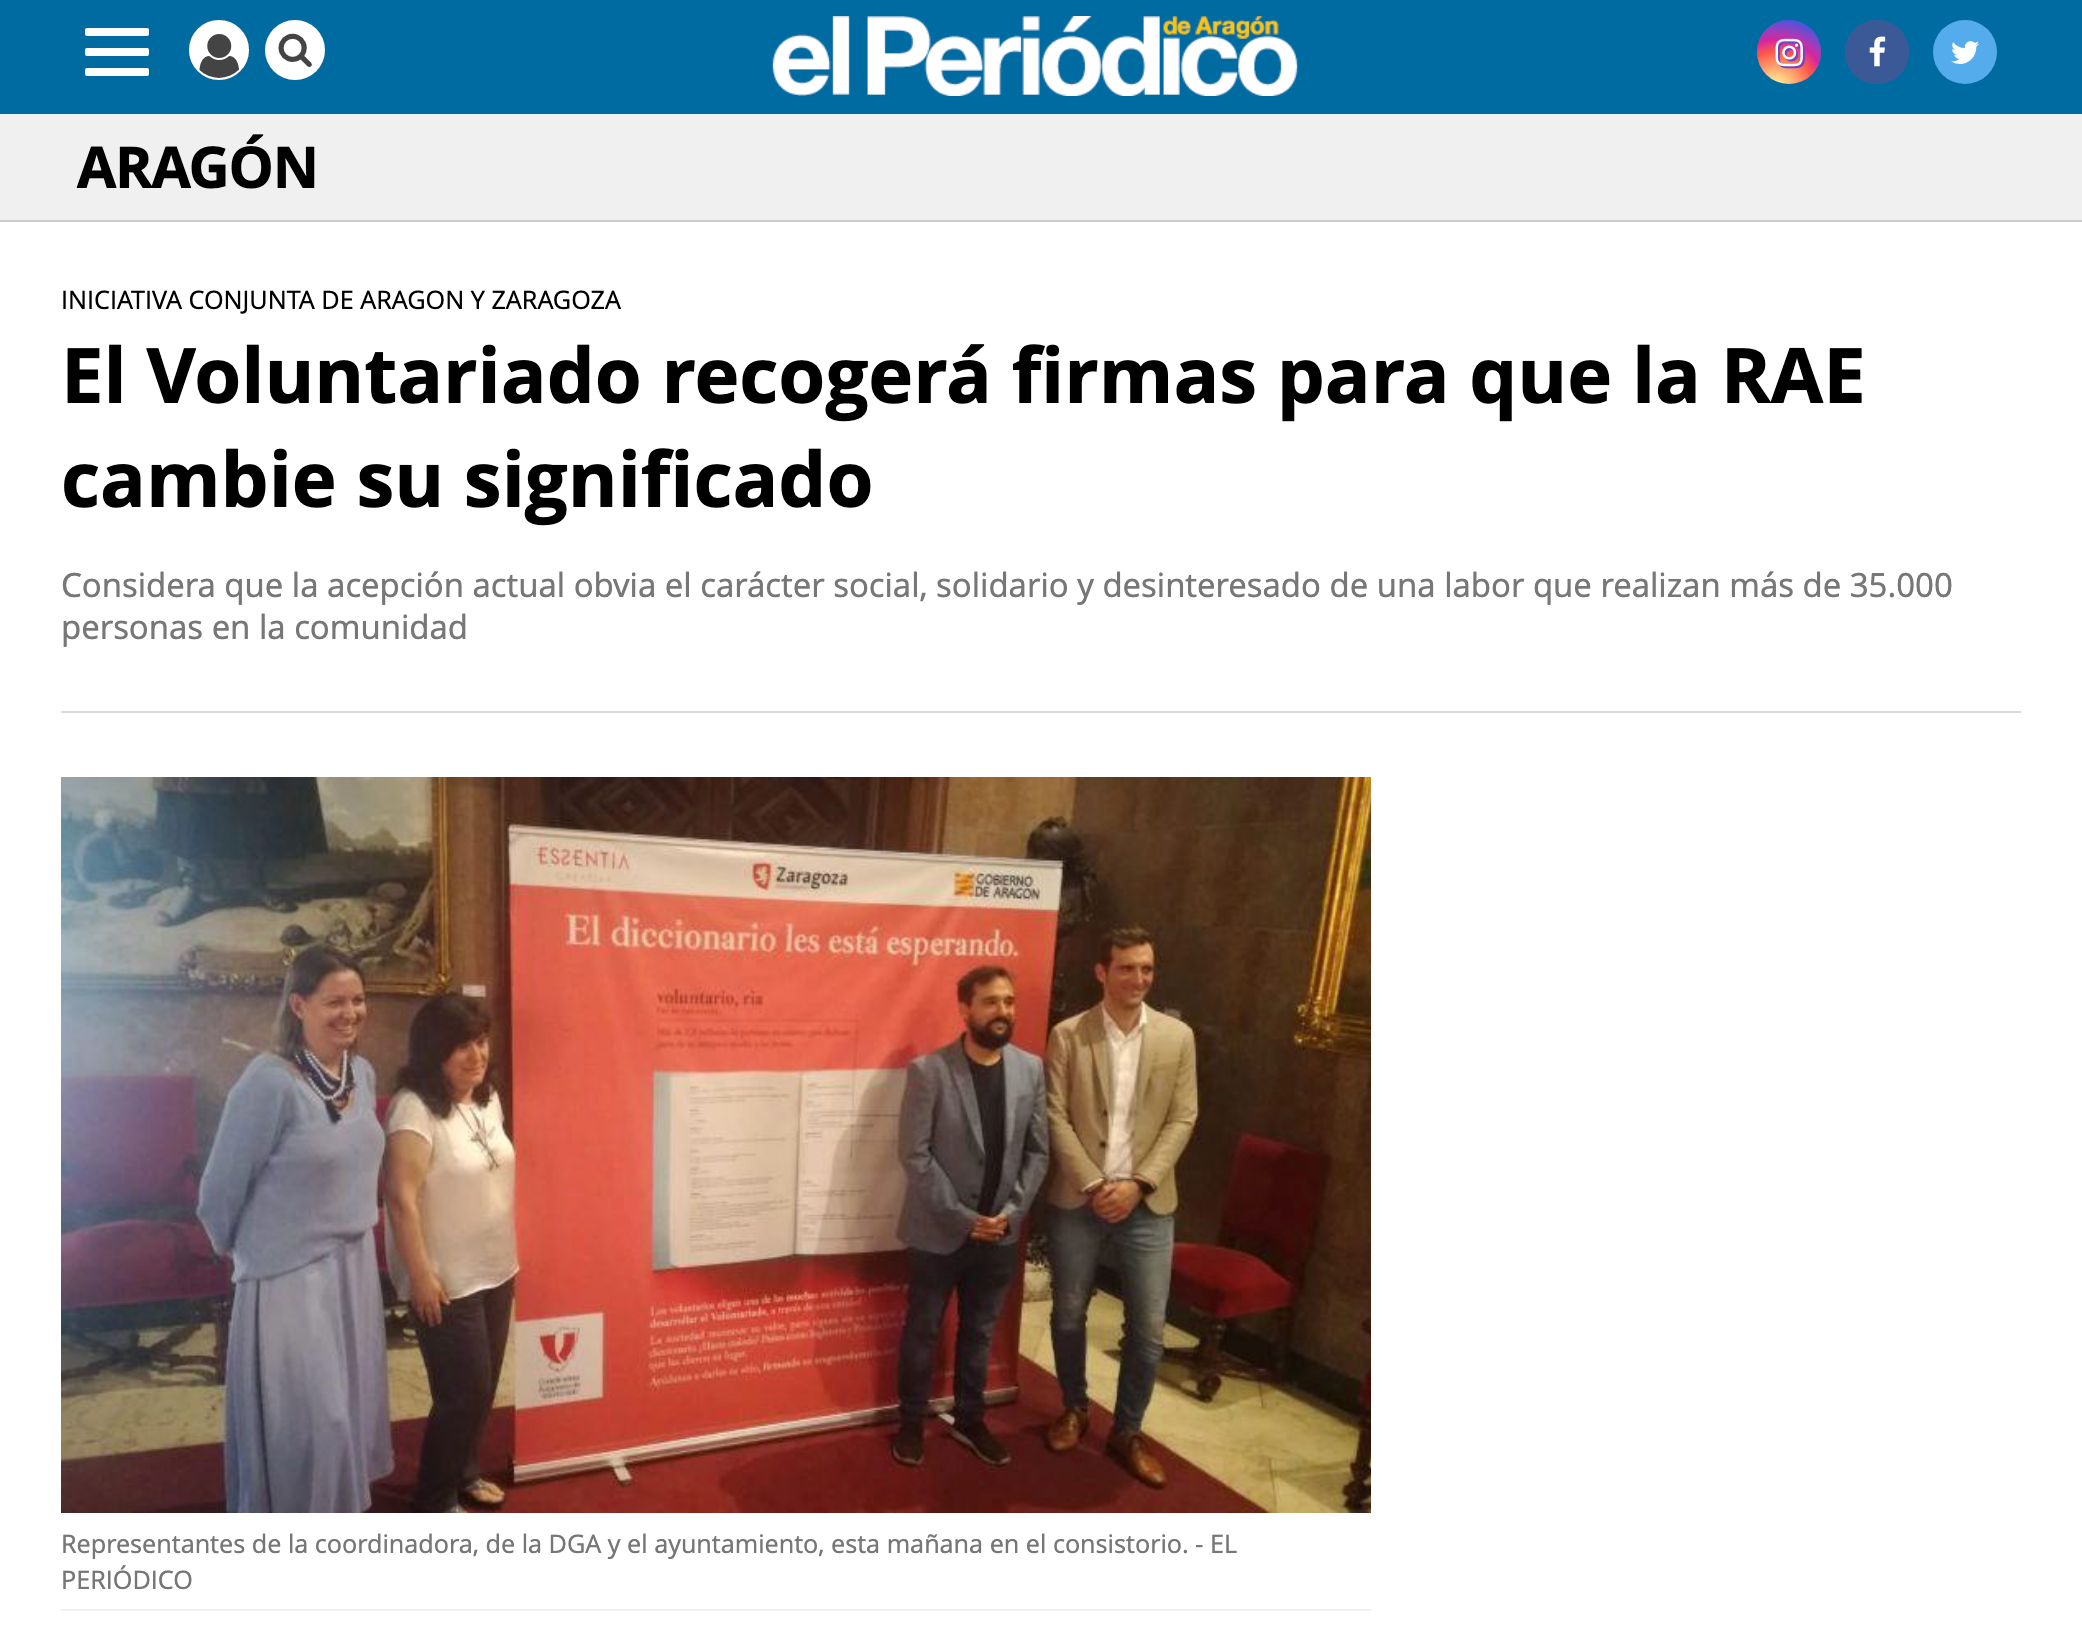 El Periódico: El Voluntariado recogerá firmas para que la RAE cambie su significado.